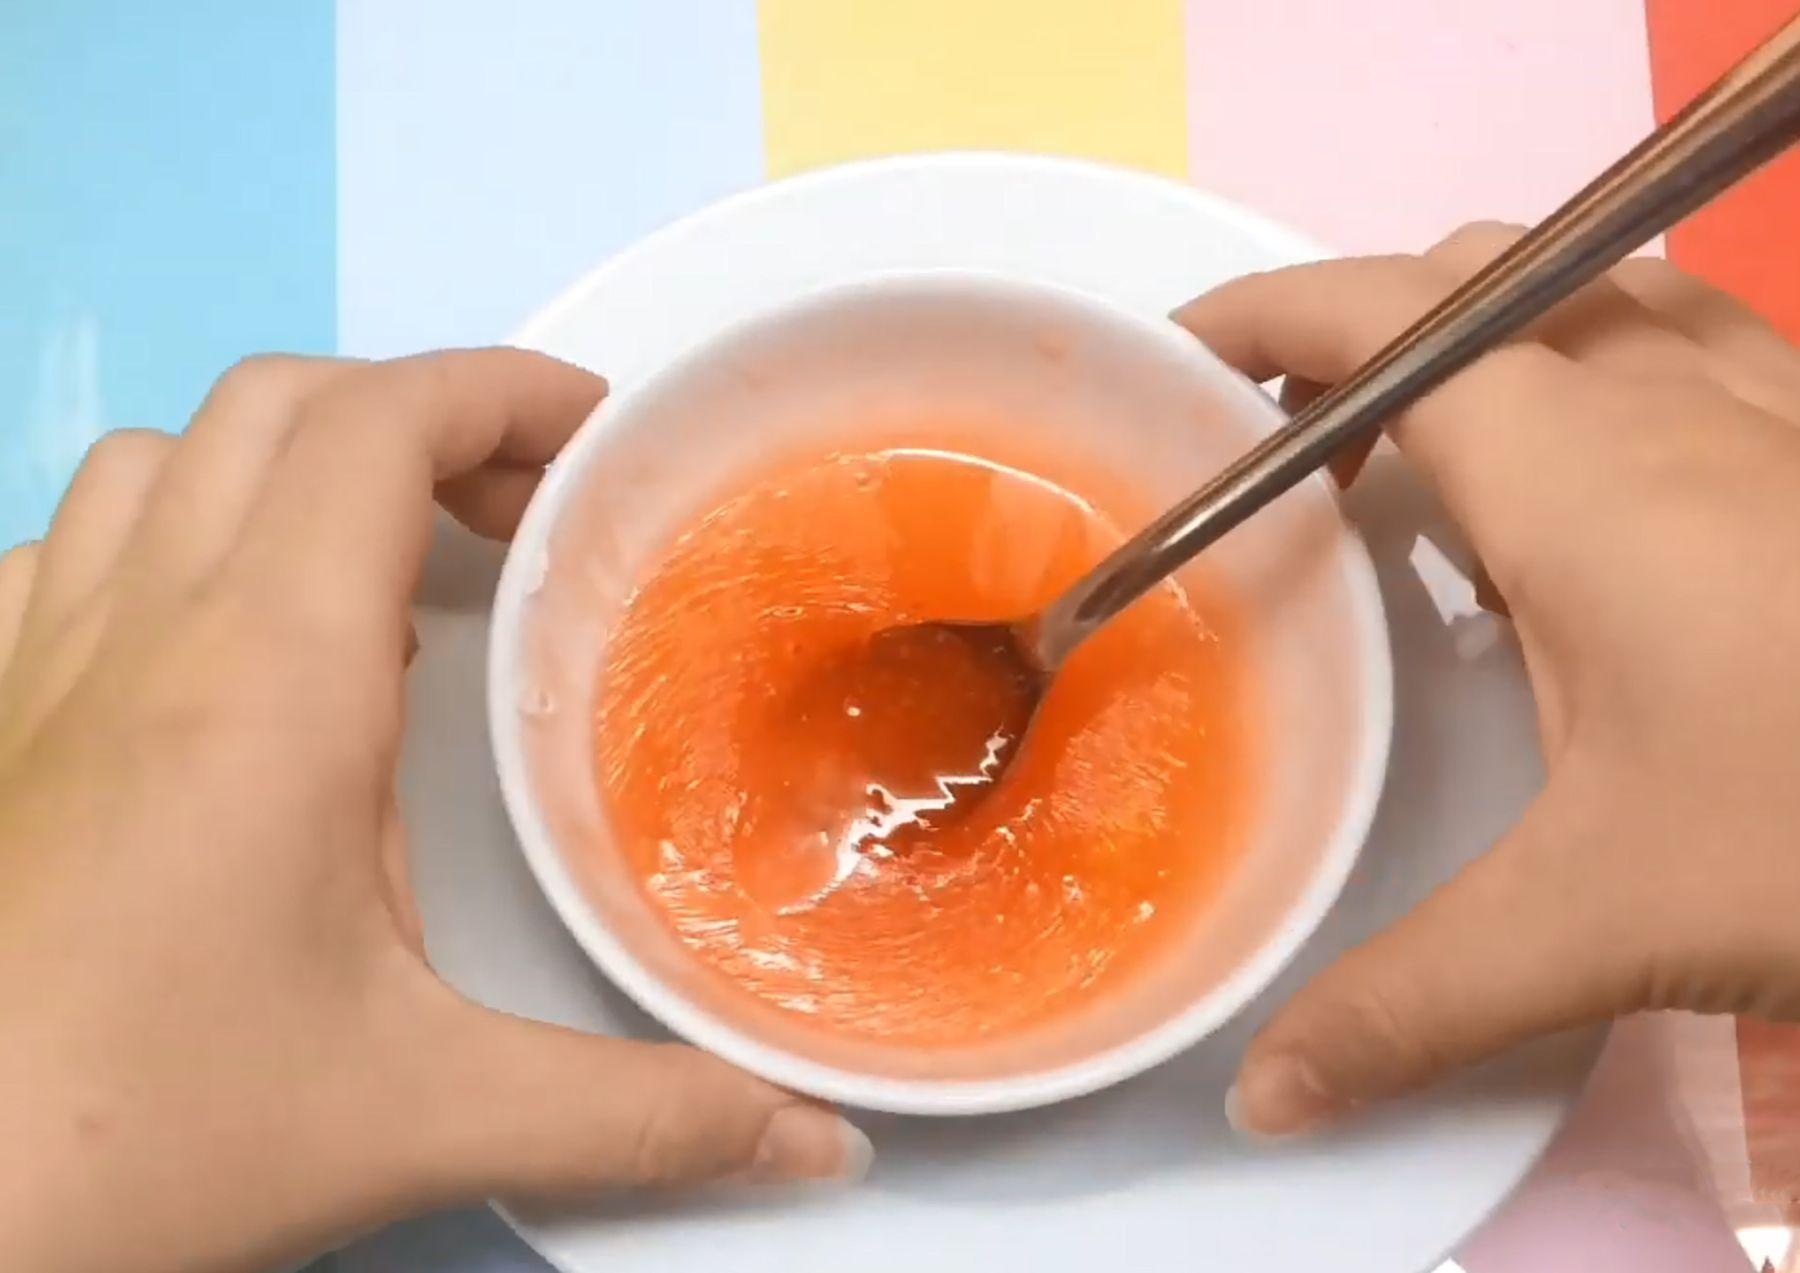 Nấu chảy kẹo dẻo để làm slime ăn được